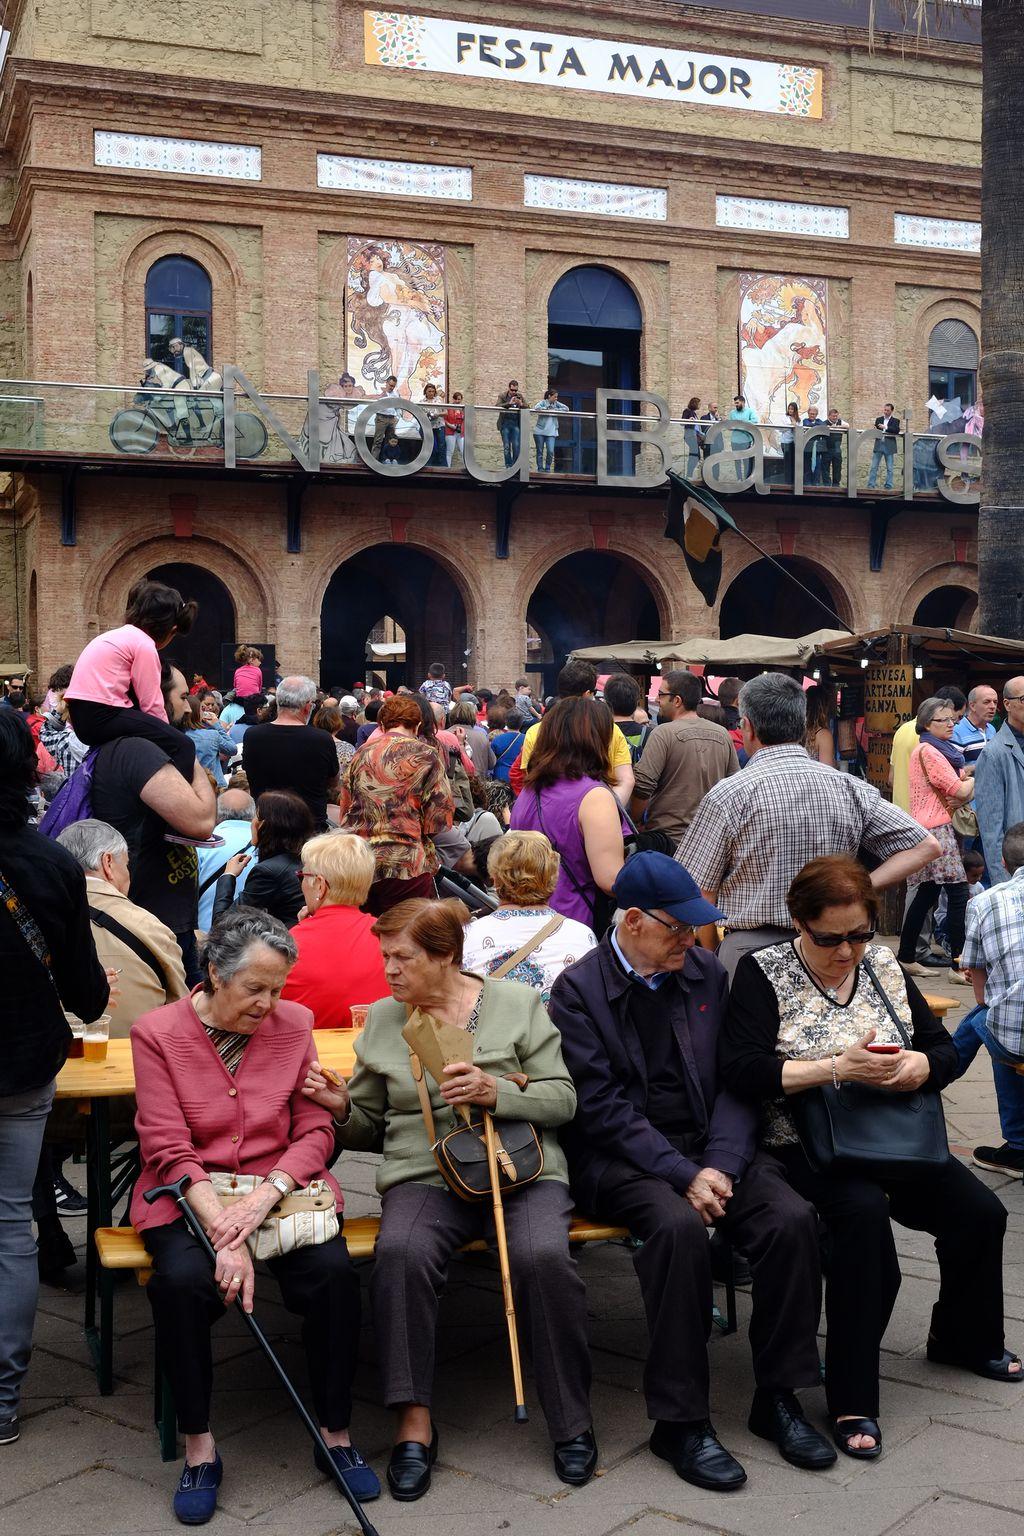 Festa Major de Nou Barris. Gent gran descansant durant el mercat de productes artesanals